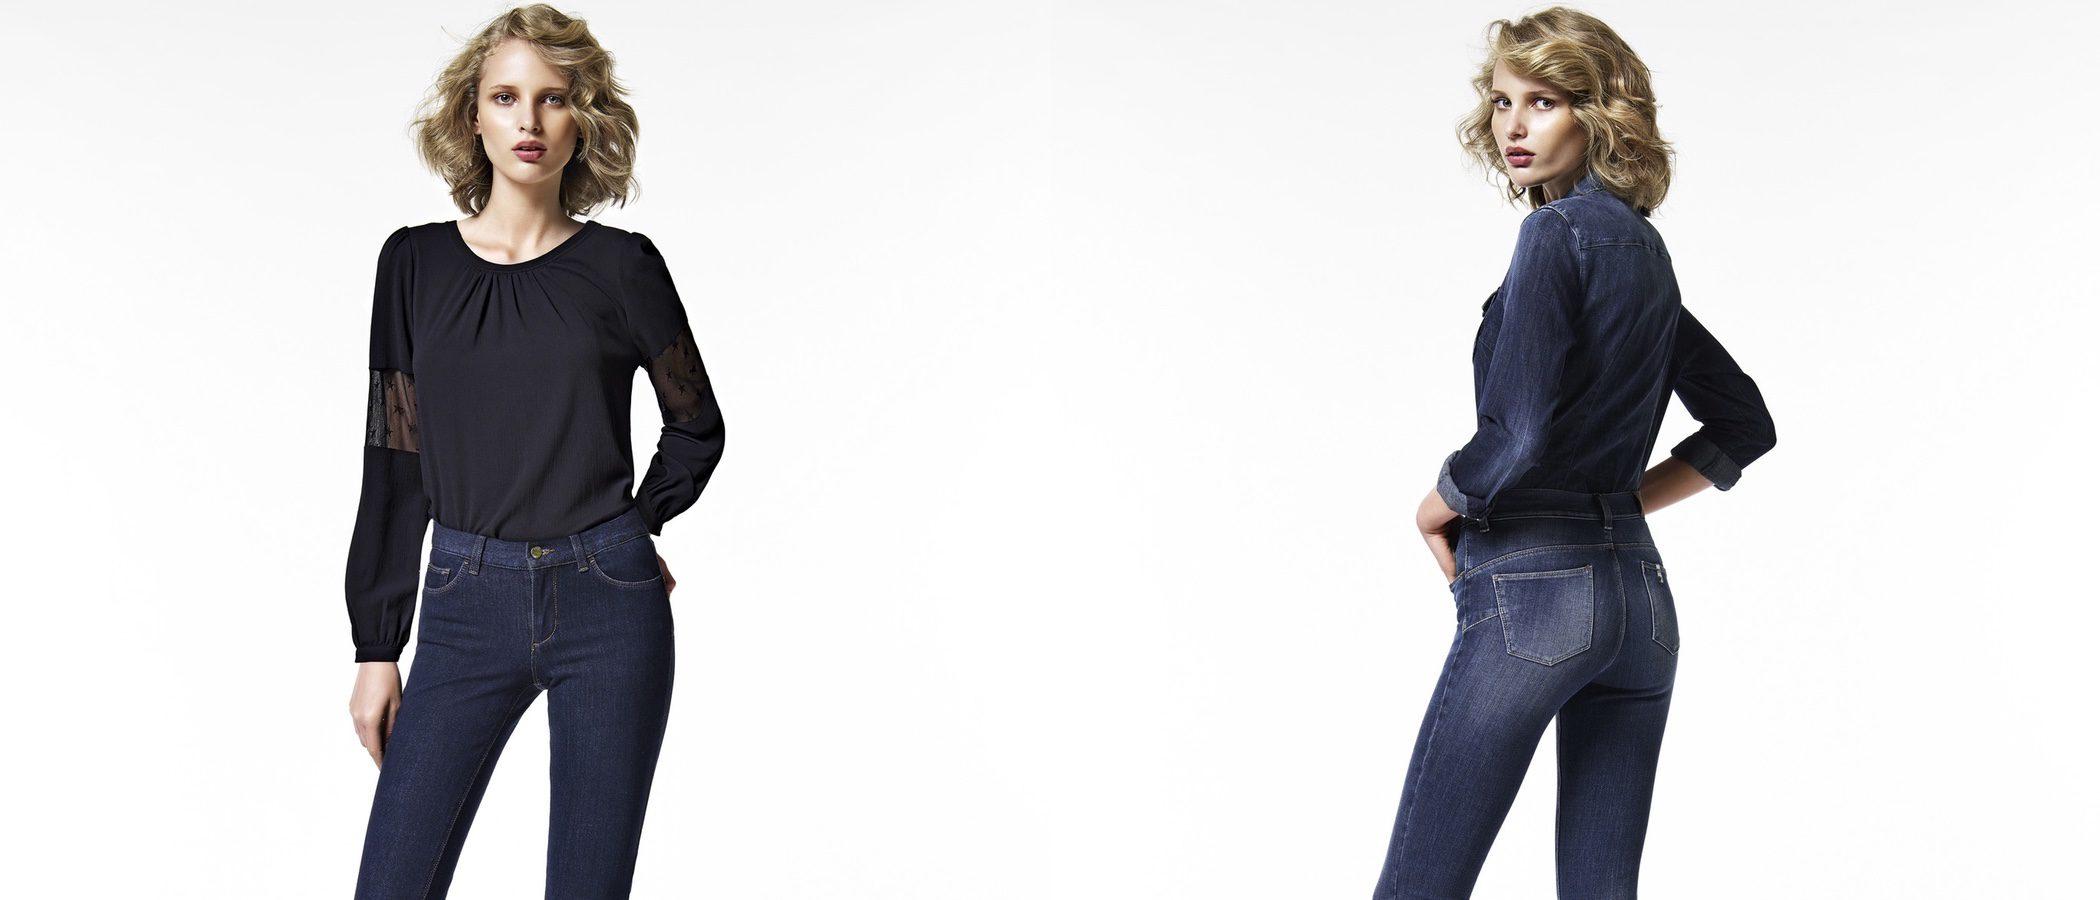 bandera Delgado caballo de Troya  Liu Jo lanza unos nuevos jeans para otoño/invierno 2016/2017 muy femeninos  y estilizados - Bekia Moda